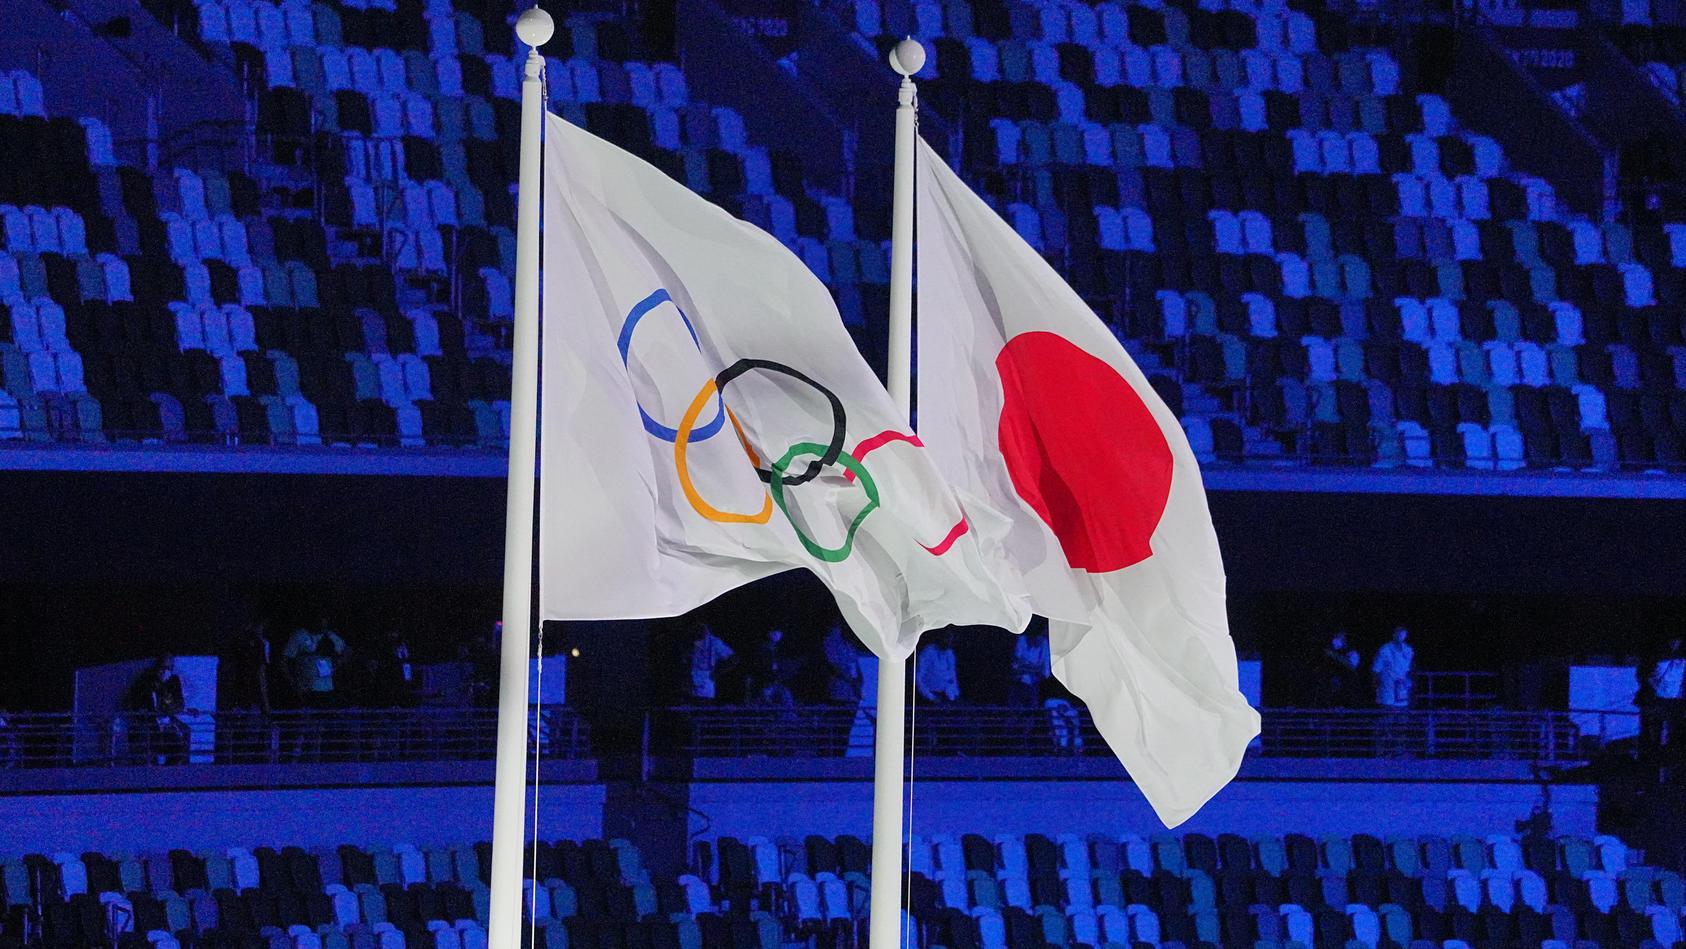 Die Organisatoren werden für die Verschwendung der Lebensmittel bei den Olympischen Spielen heftig kritisiert.